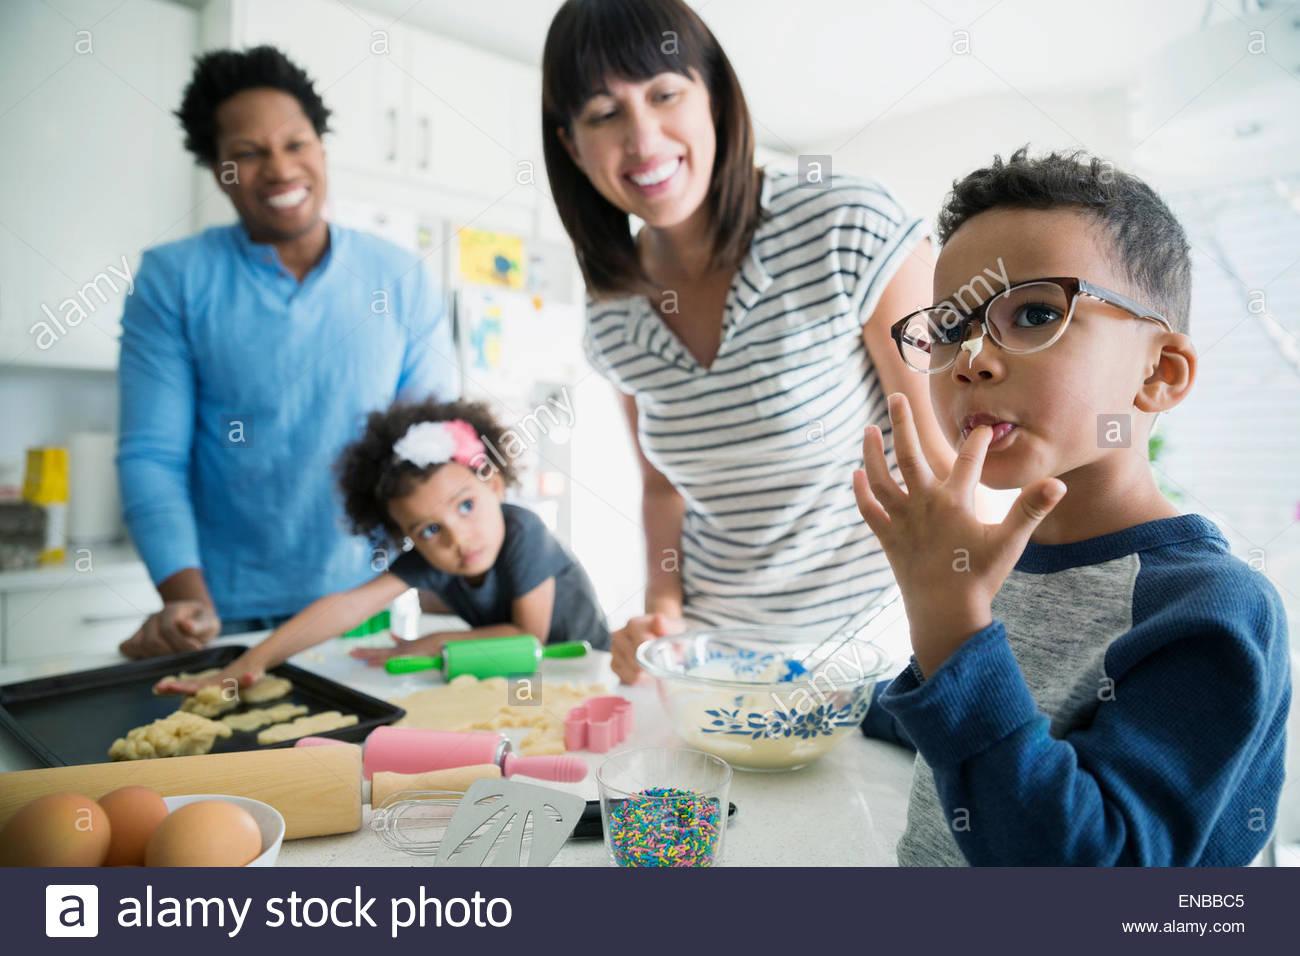 Garçon avec la pâte sur le nez de lécher doigt Photo Stock